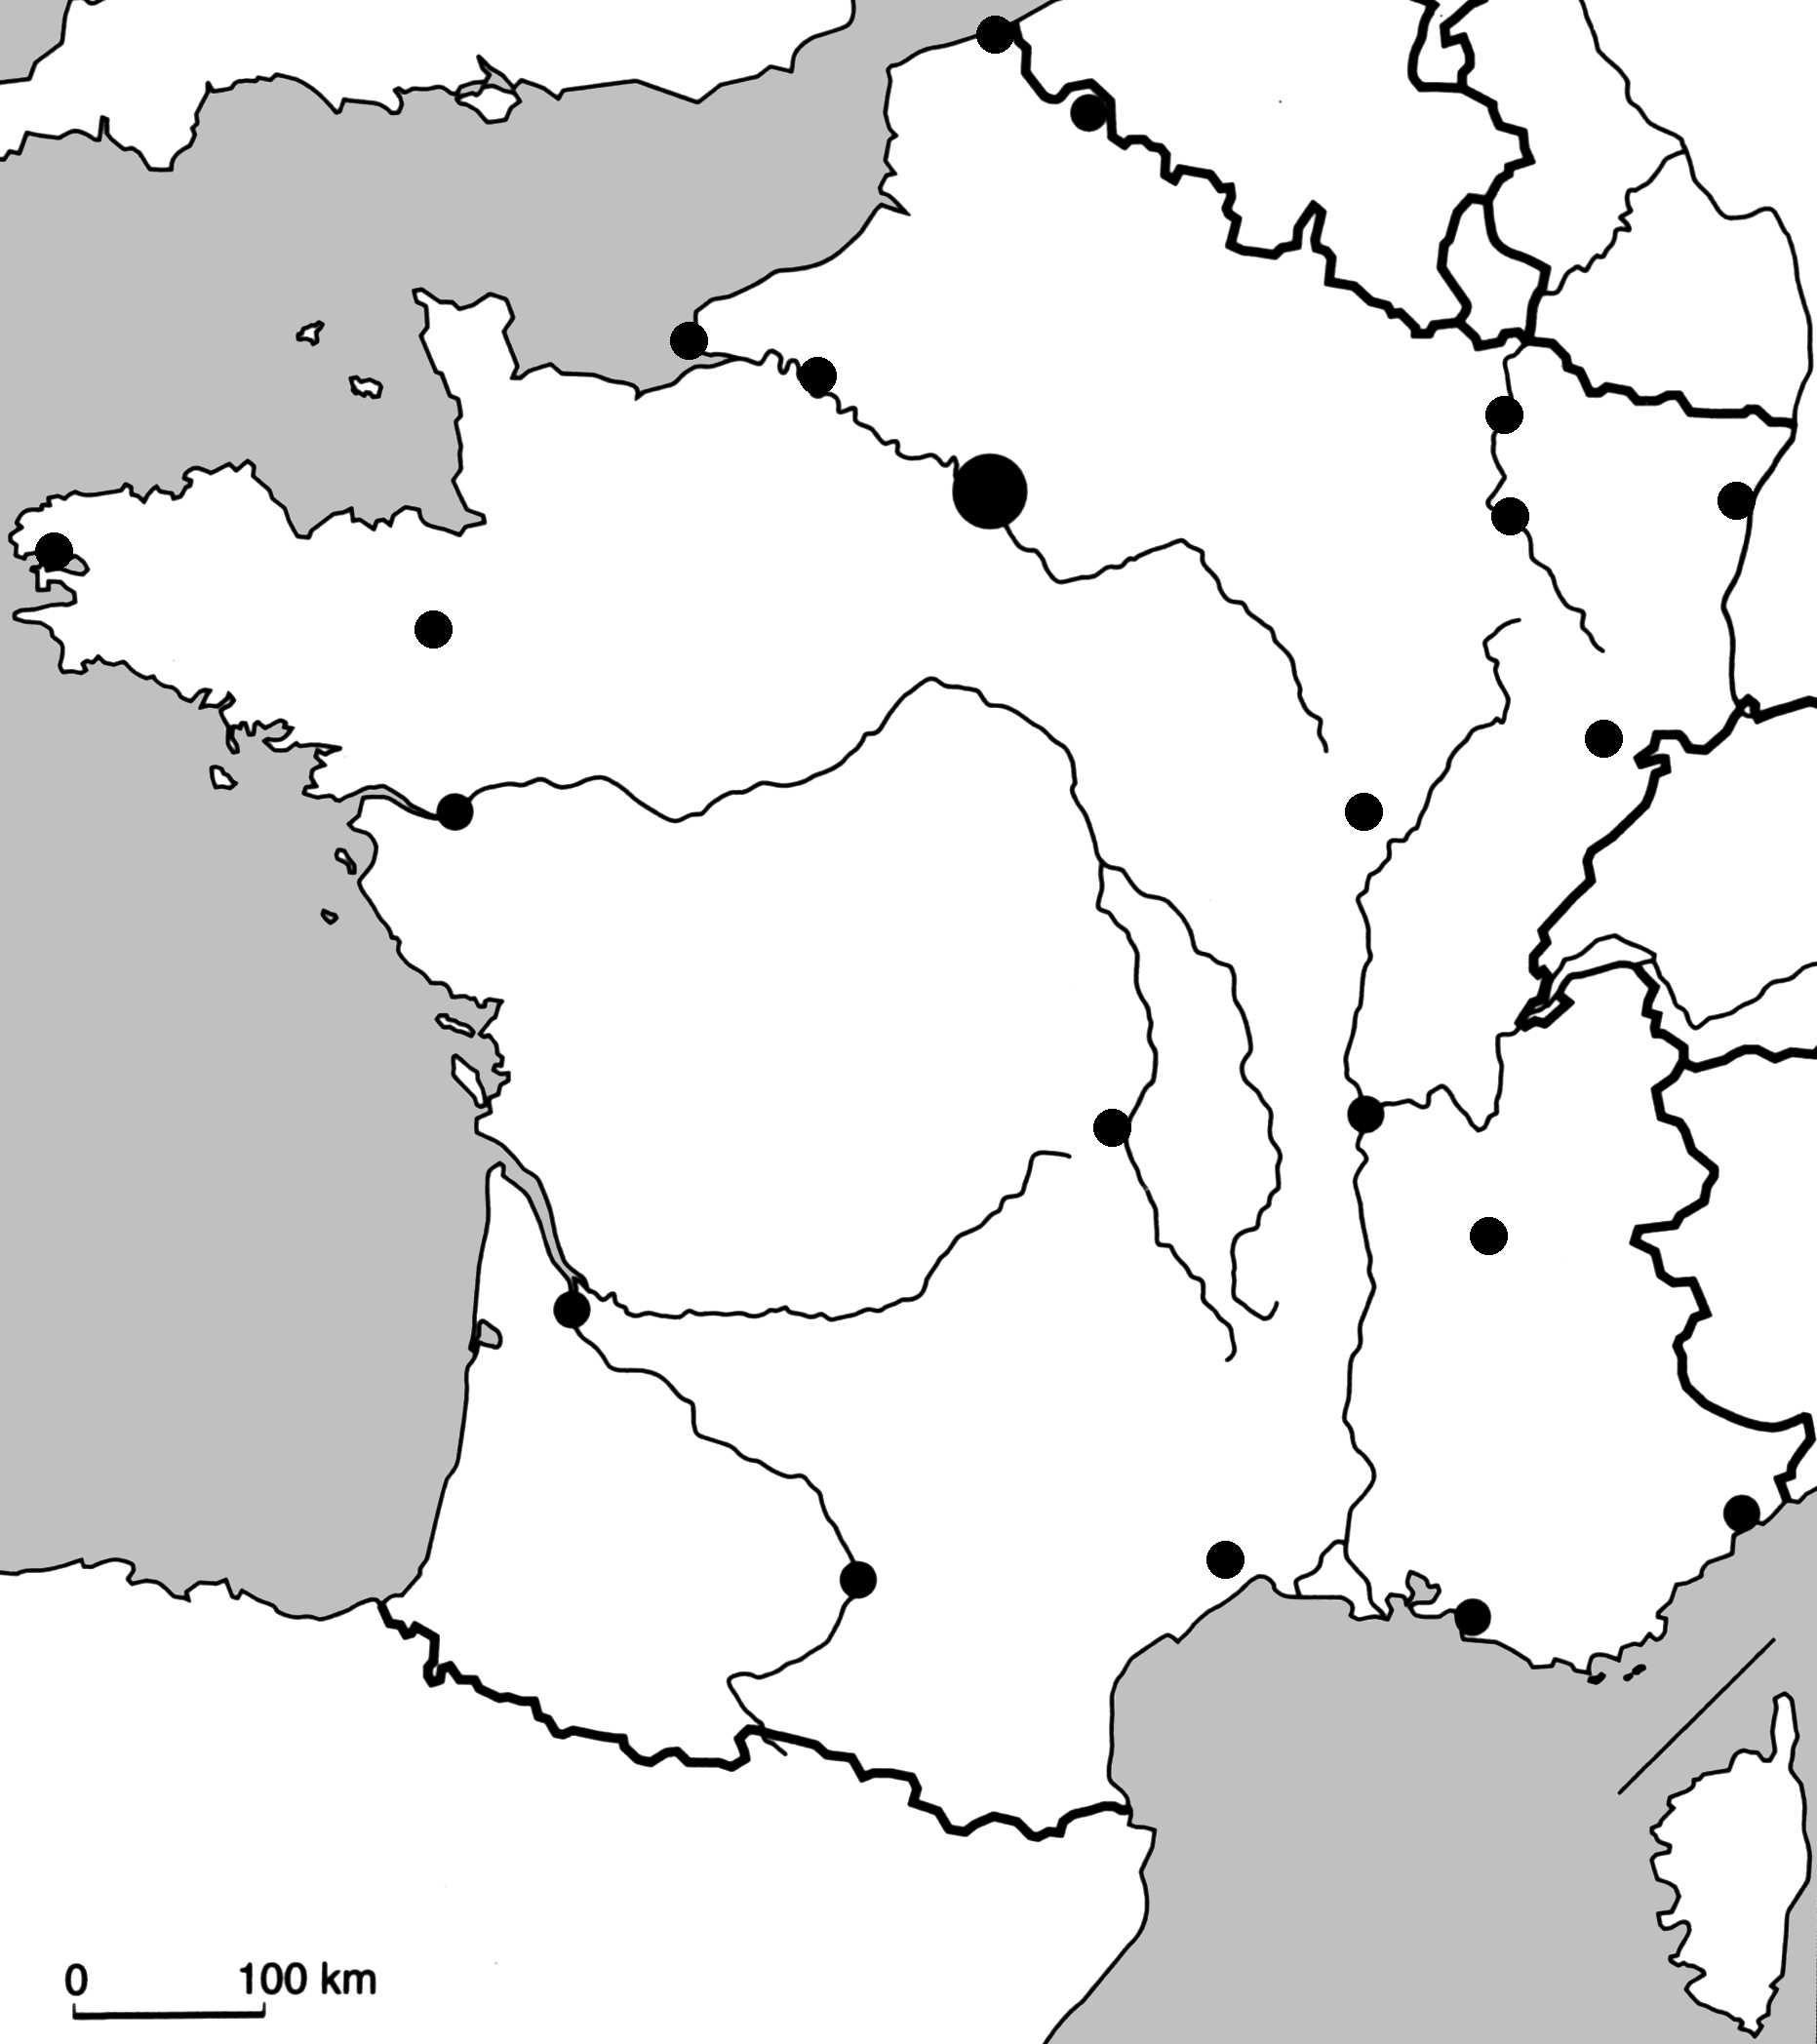 Afficher L'image D'origine | Carte France Vierge, Fleuve De dedans Carte De France Imprimable Gratuite